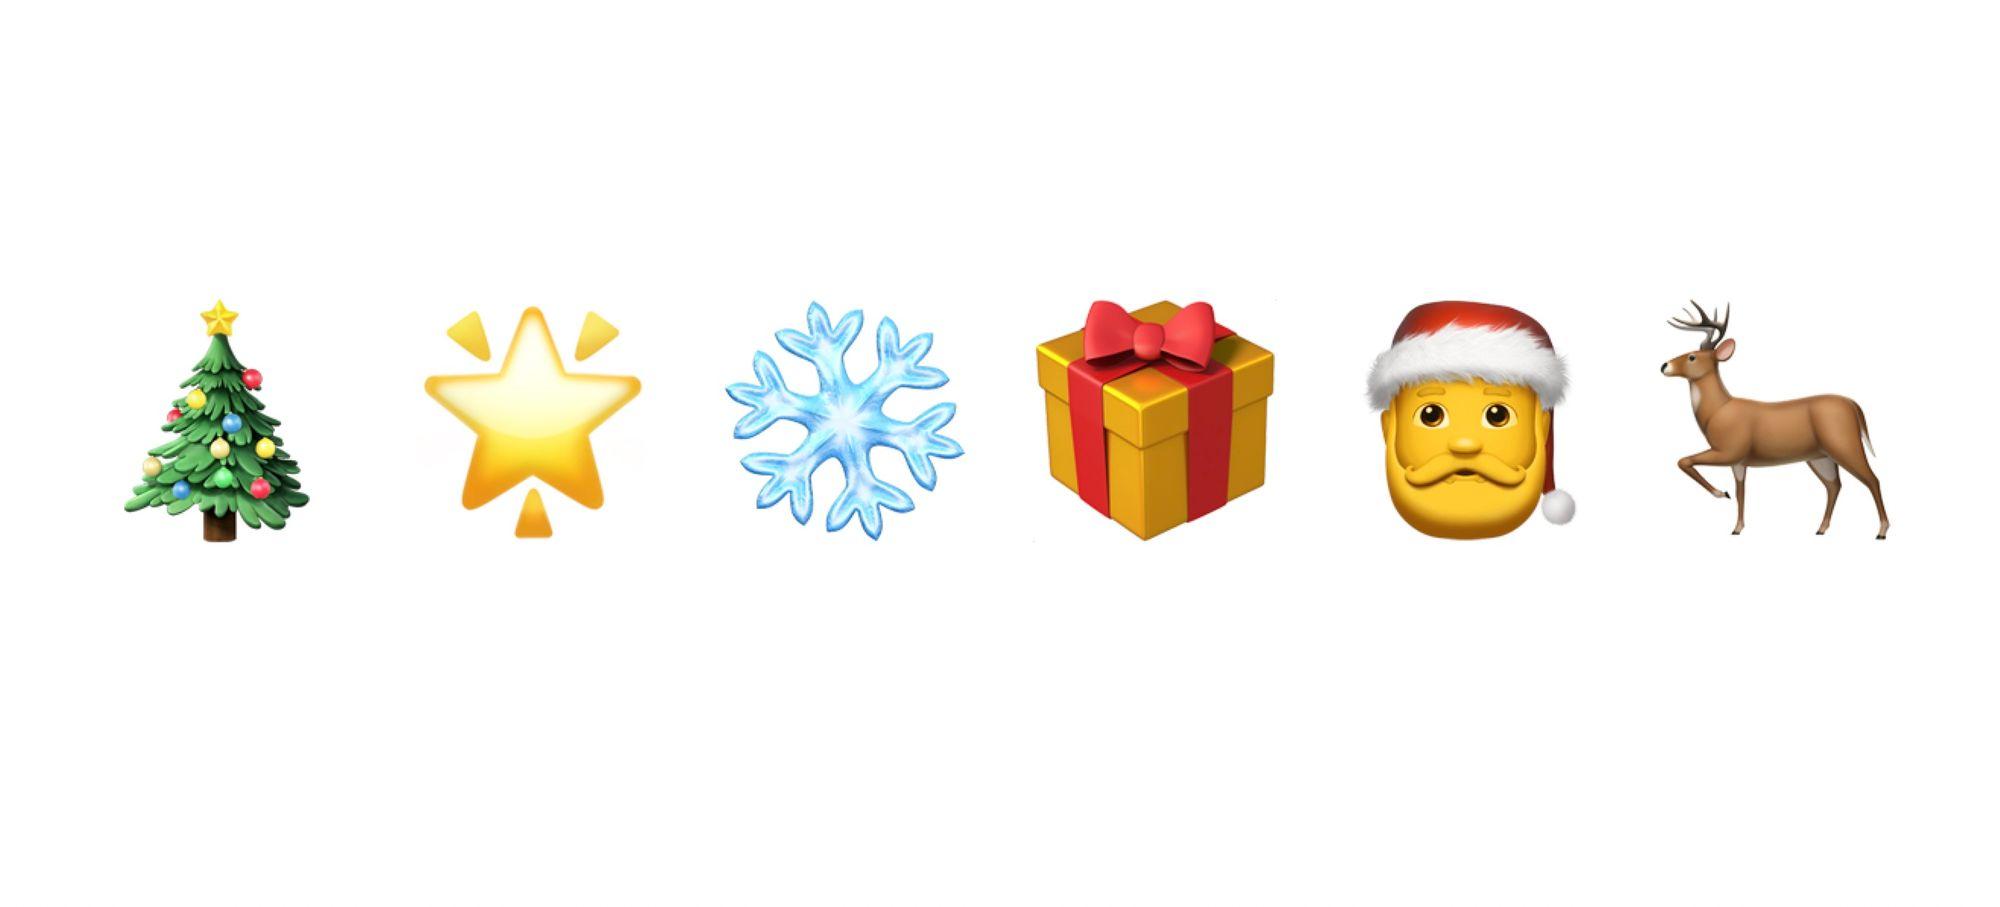 Emoji Wrap Holiday Edition